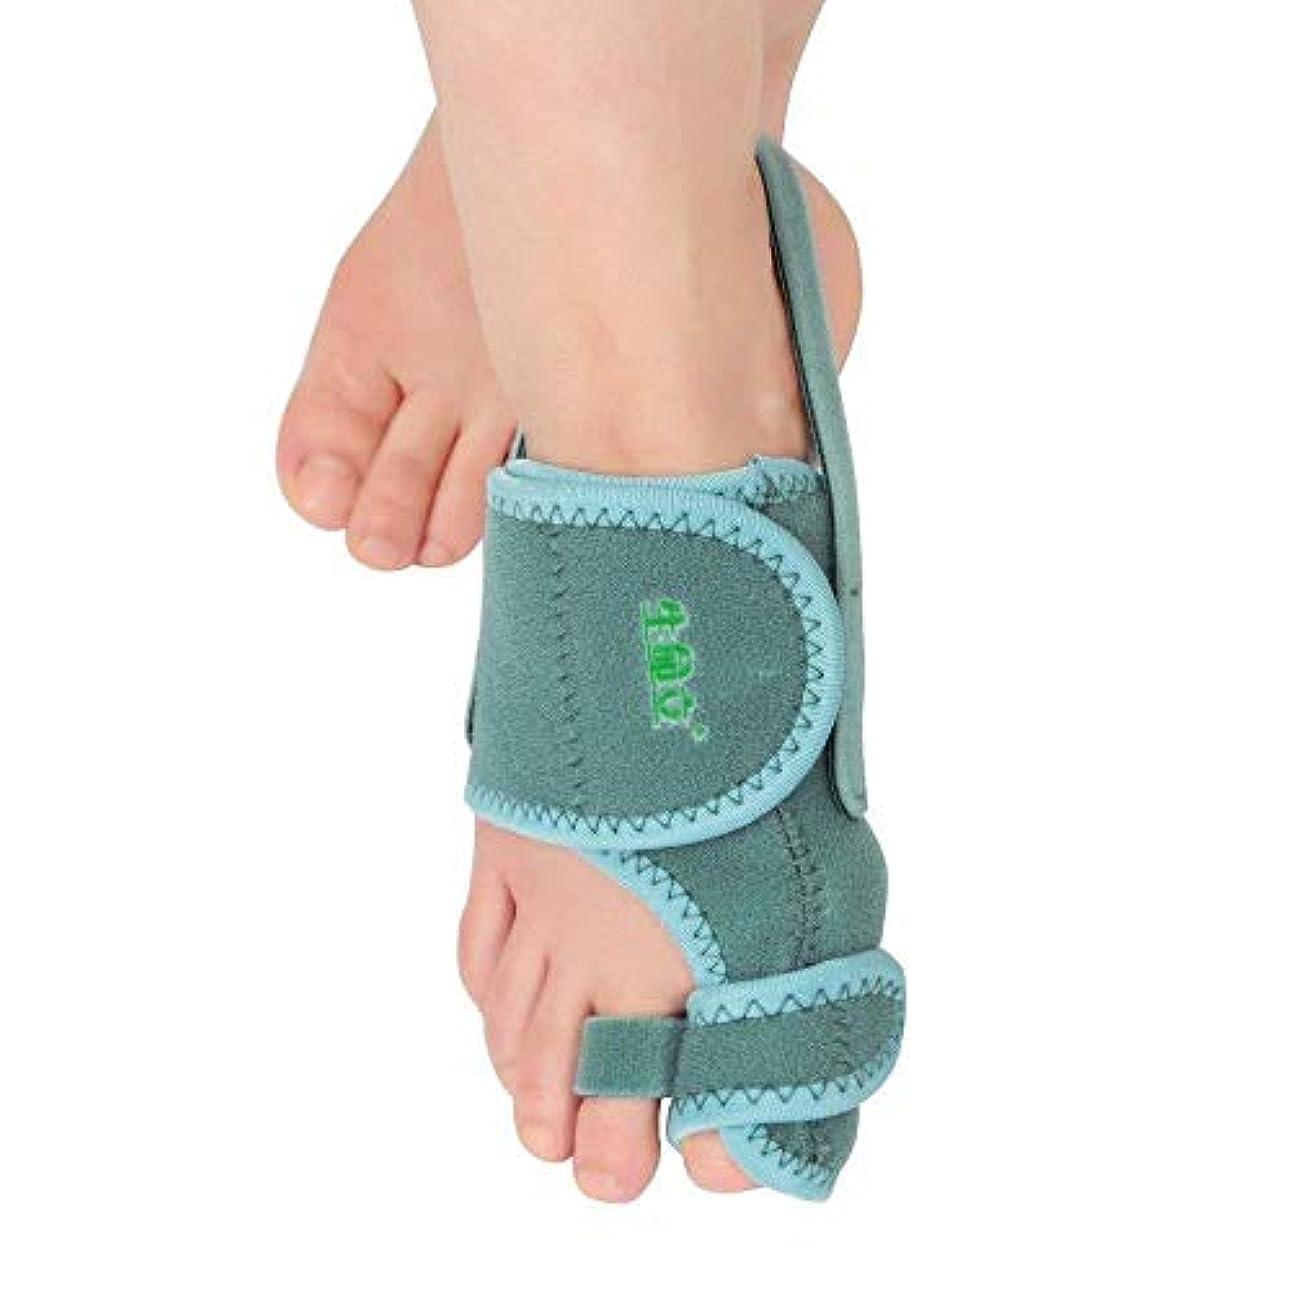 貸し手レルム寛大さ外反母ortho装具、女性と男性の足の親指の矯正用セパレーターの腱膜瘤緩和のための夜間親指つま先外反,Left Foot